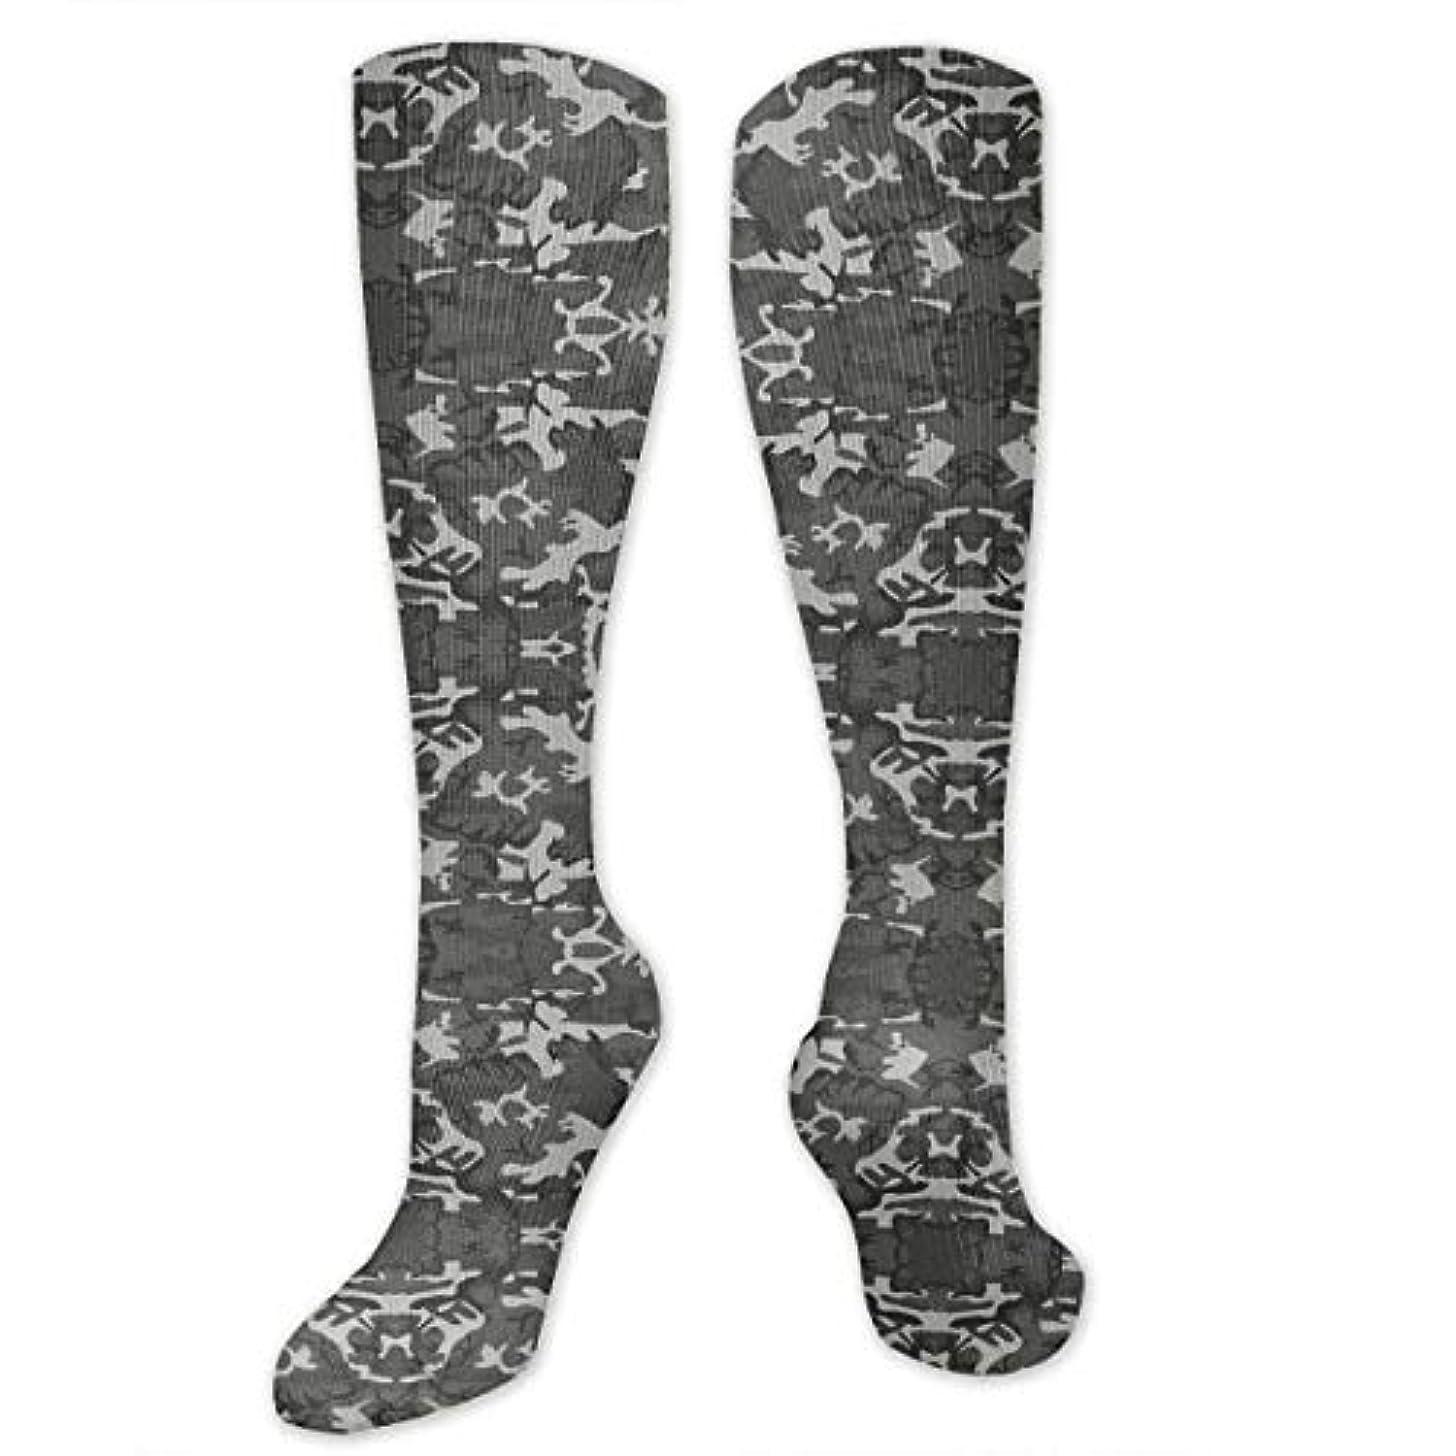 臭いくそーベギン靴下,ストッキング,野生のジョーカー,実際,秋の本質,冬必須,サマーウェア&RBXAA Mixed Gray Military Camouflage Socks Women's Winter Cotton Long Tube...